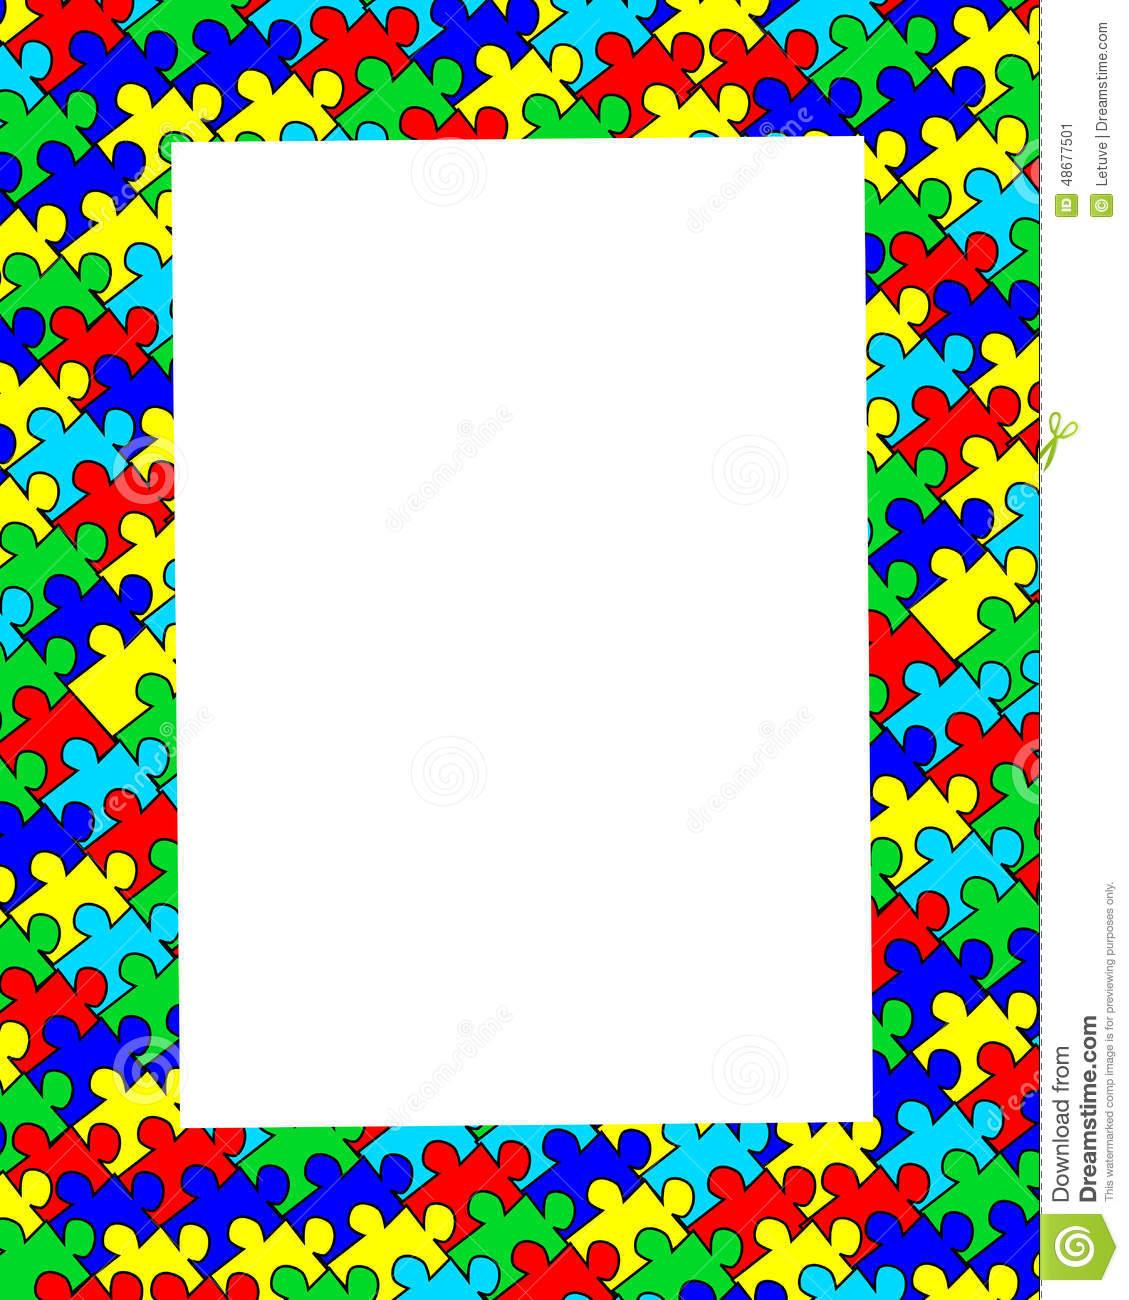 Autism border